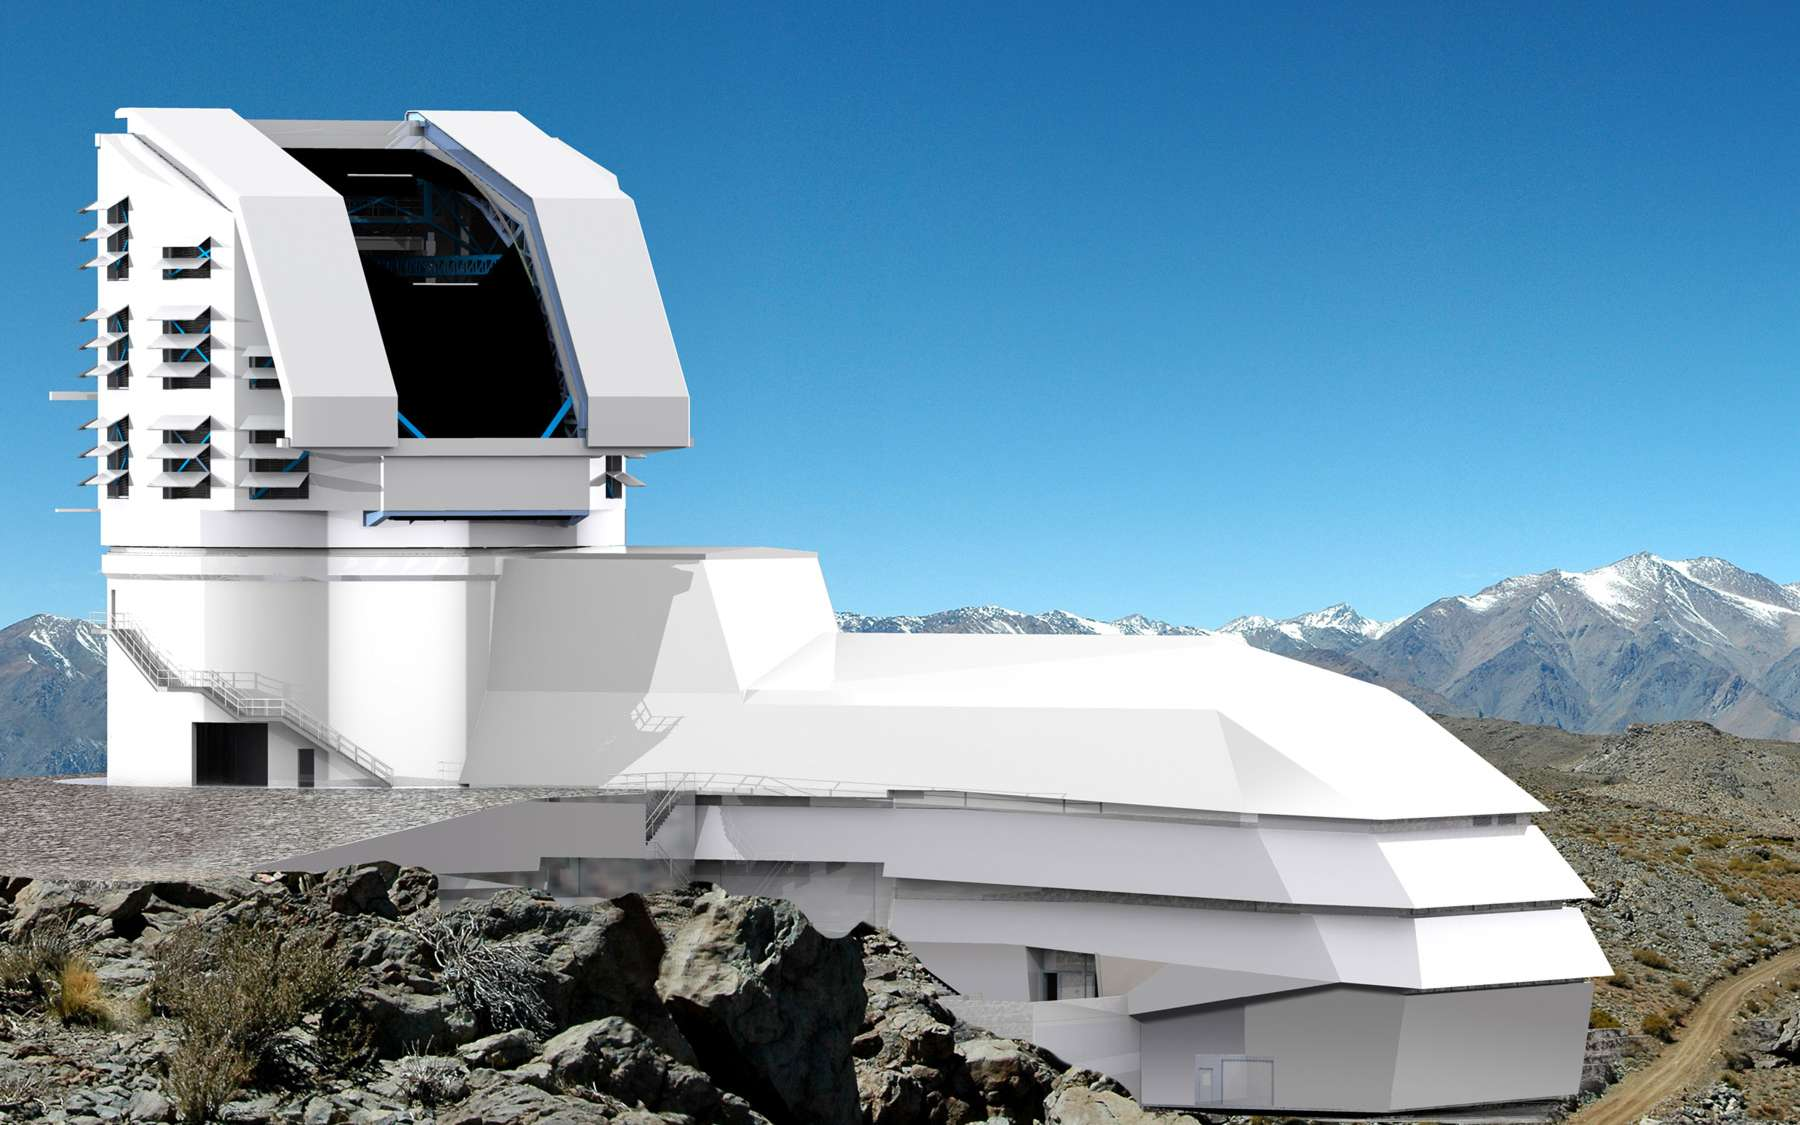 Le LSST sera construit à 2.700 m d'altitude, sur le site du Cerro Pachón, choisi dès 2006 pour son ciel sans nuage, son faible niveau de pollution lumineuse et son climat sec. Le site accueille déjà de nombreuses infrastructures et notamment deux autres télescopes d'envergure : le Gemini Sud et le Southern Astrophysical Research Telescope (SOAR). © LSST Science Team